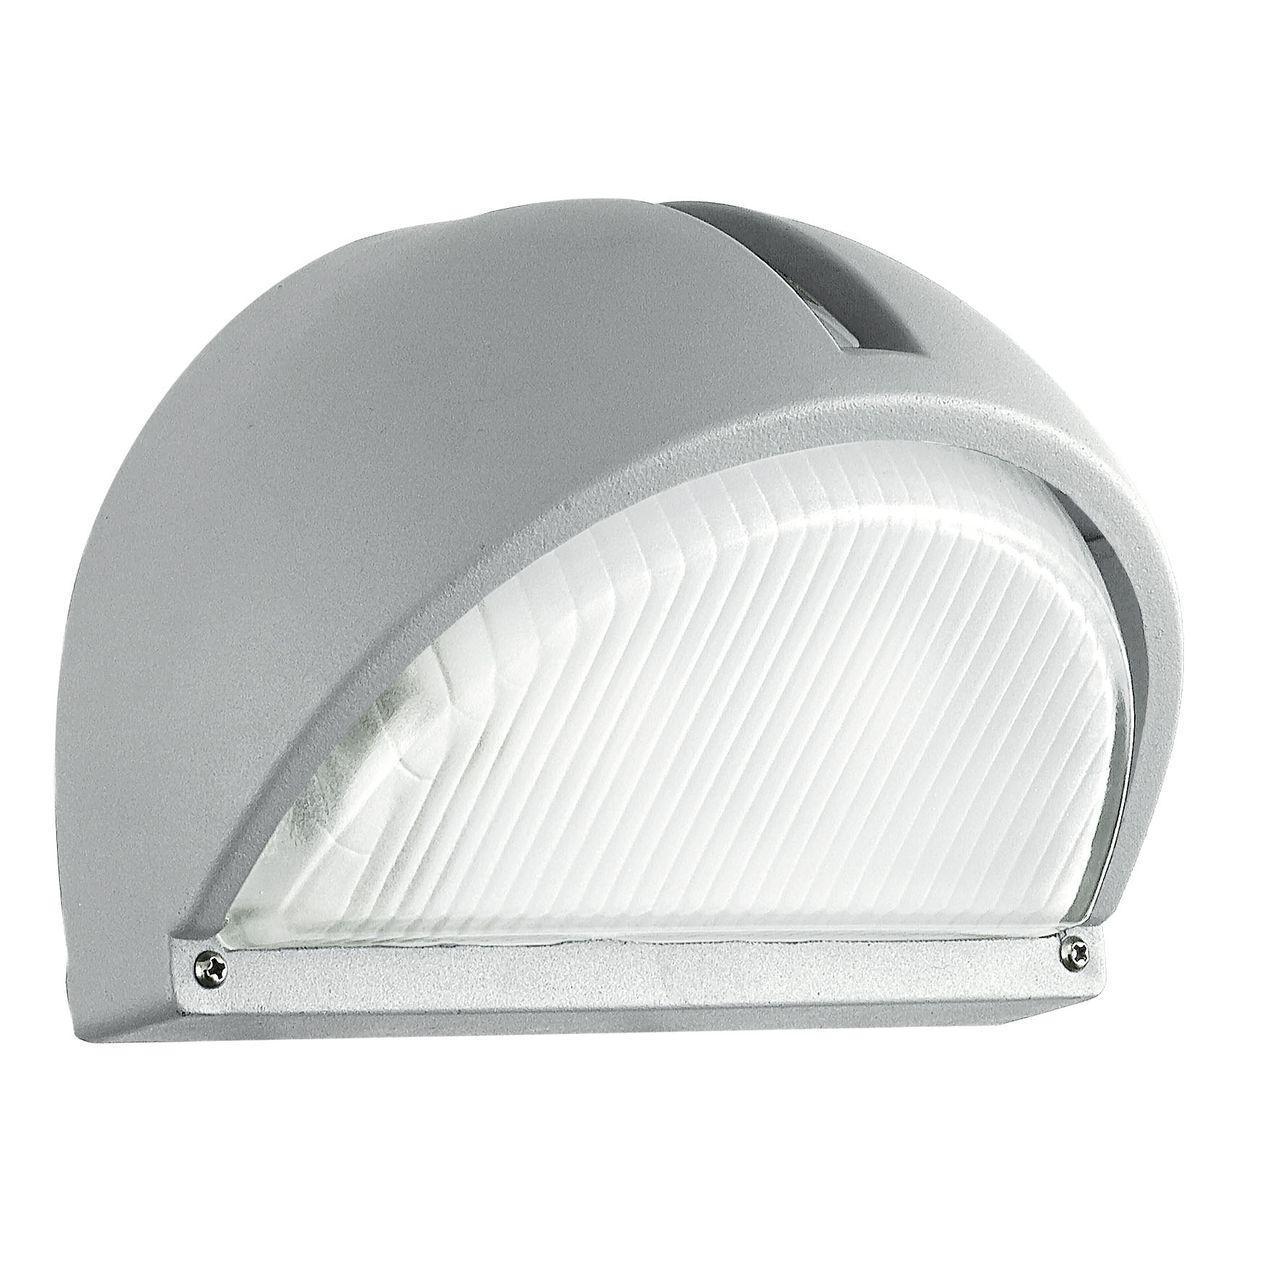 Уличный настенный светильник Eglo Onja 89769 настенно потолочный светильник eglo onja 89769